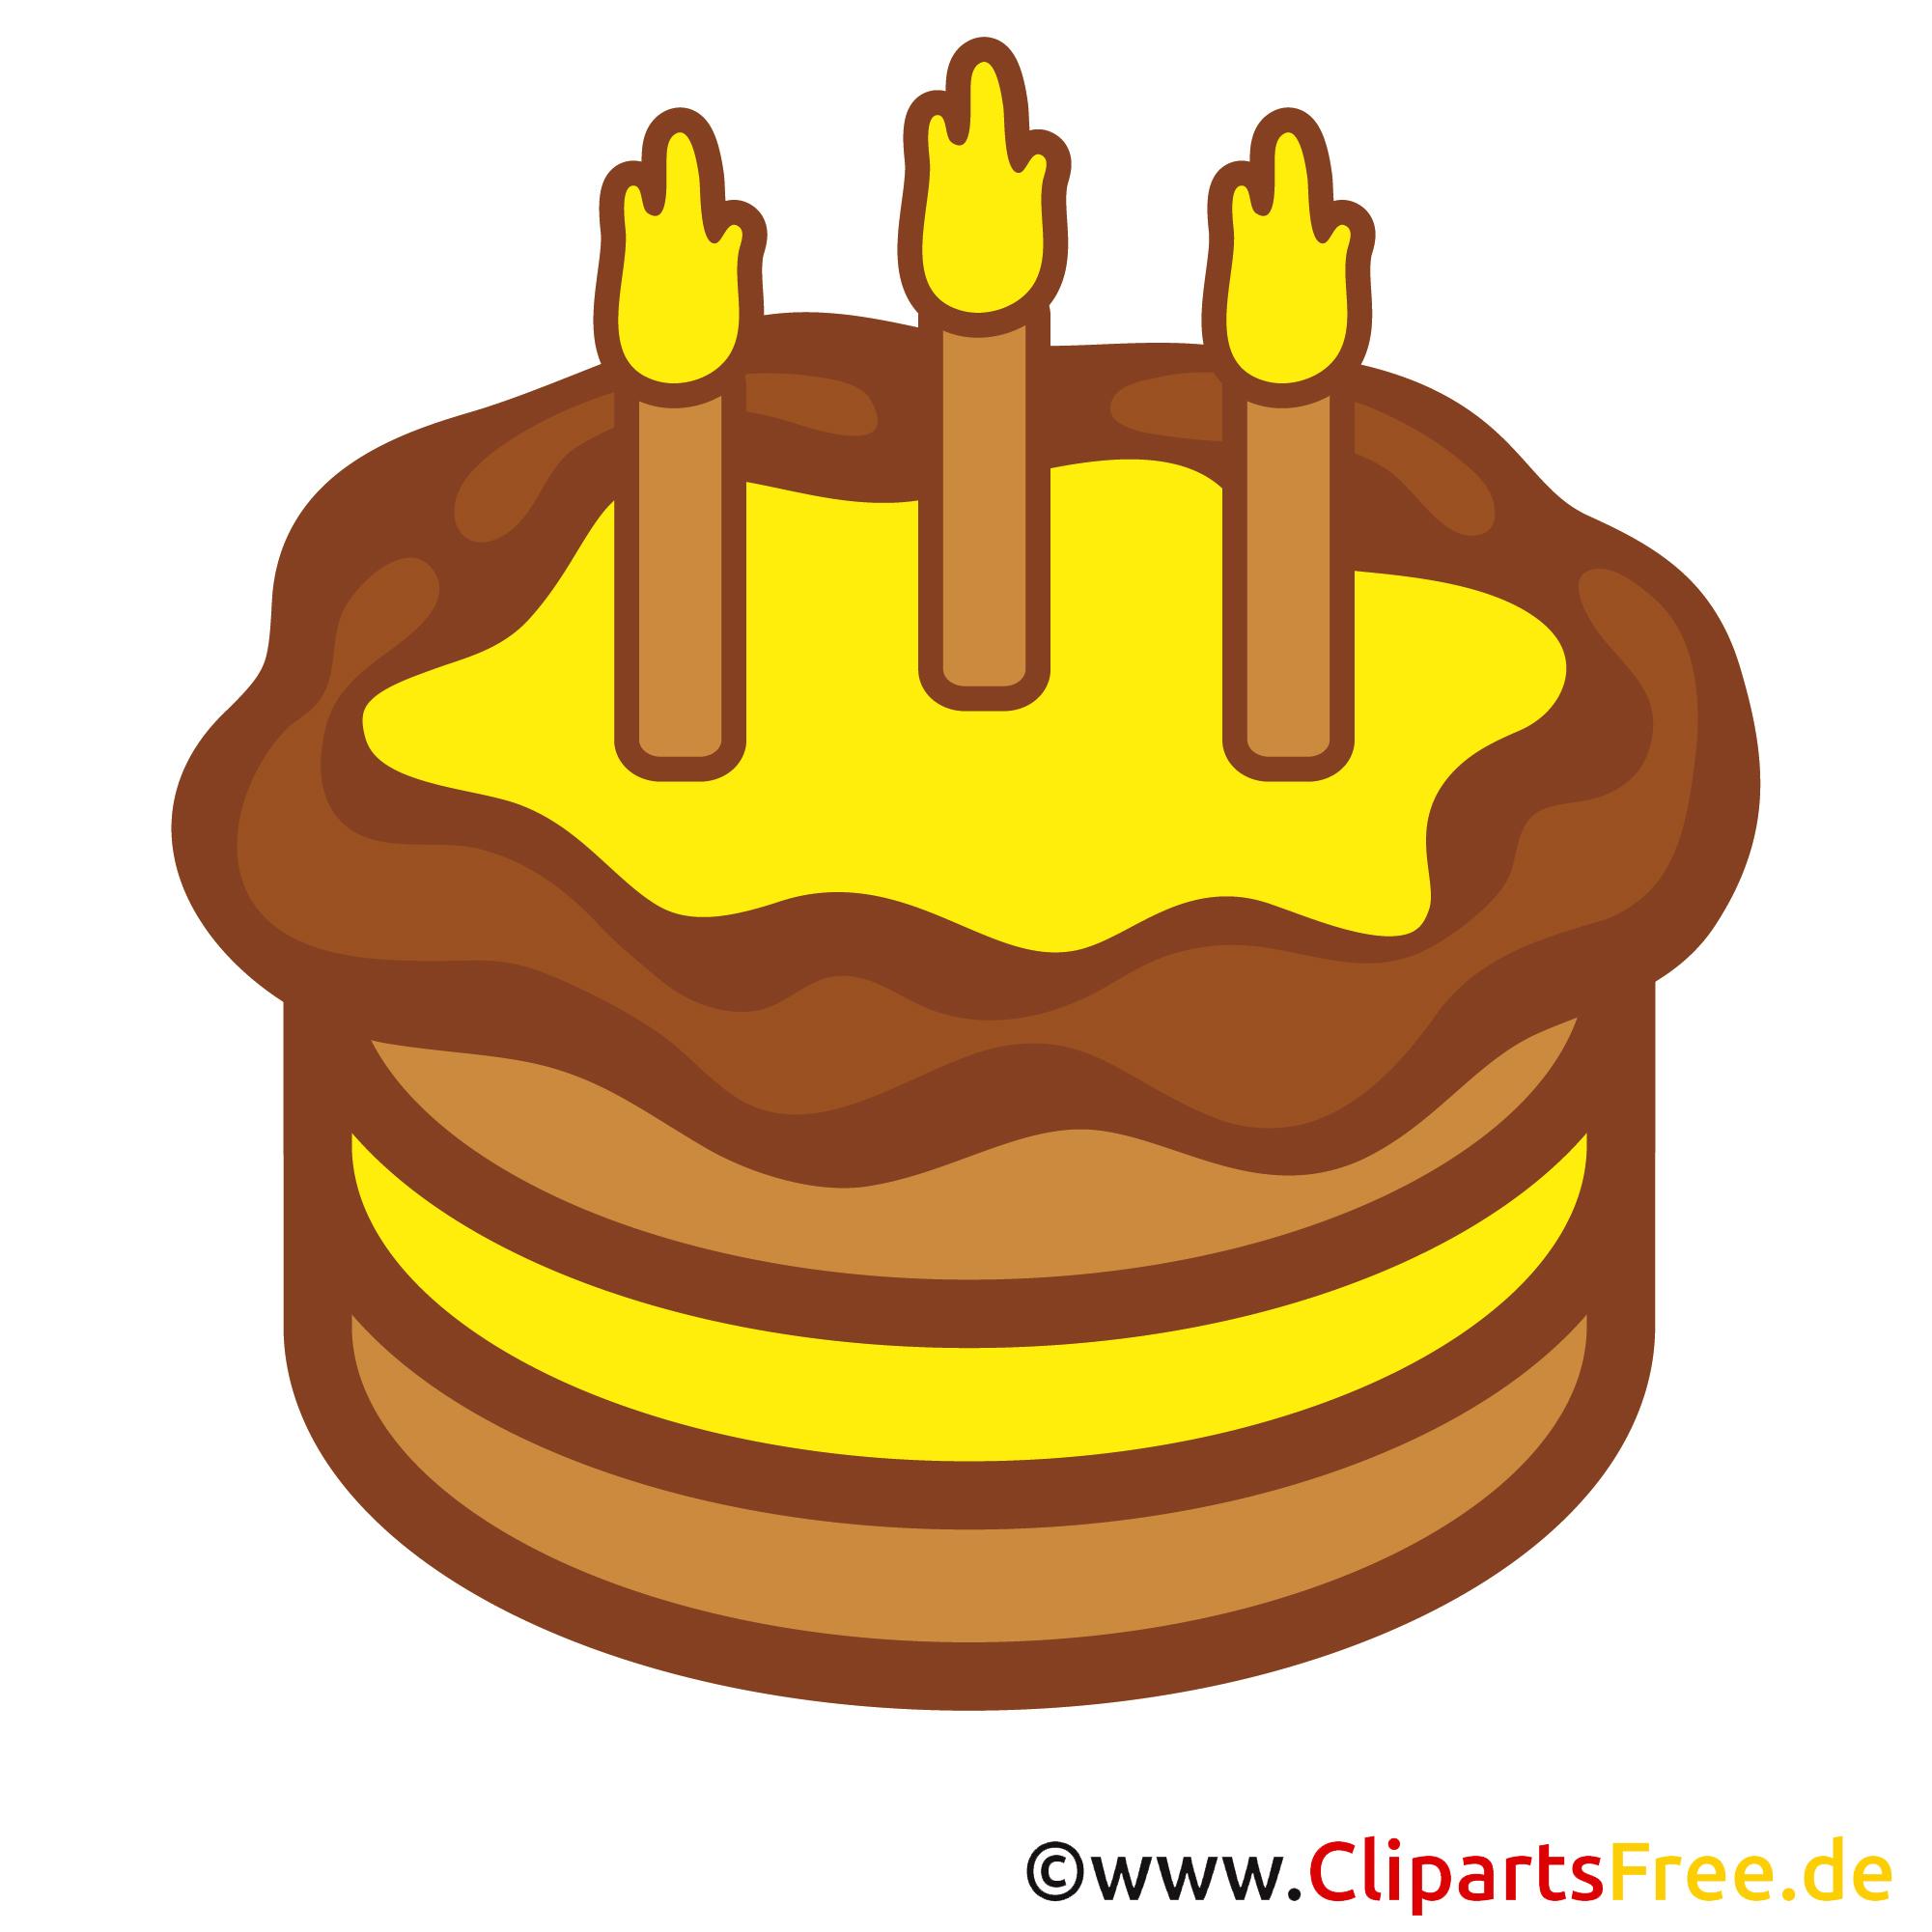 Kostenlose Cliparts zum Geburtstag - Kuchen